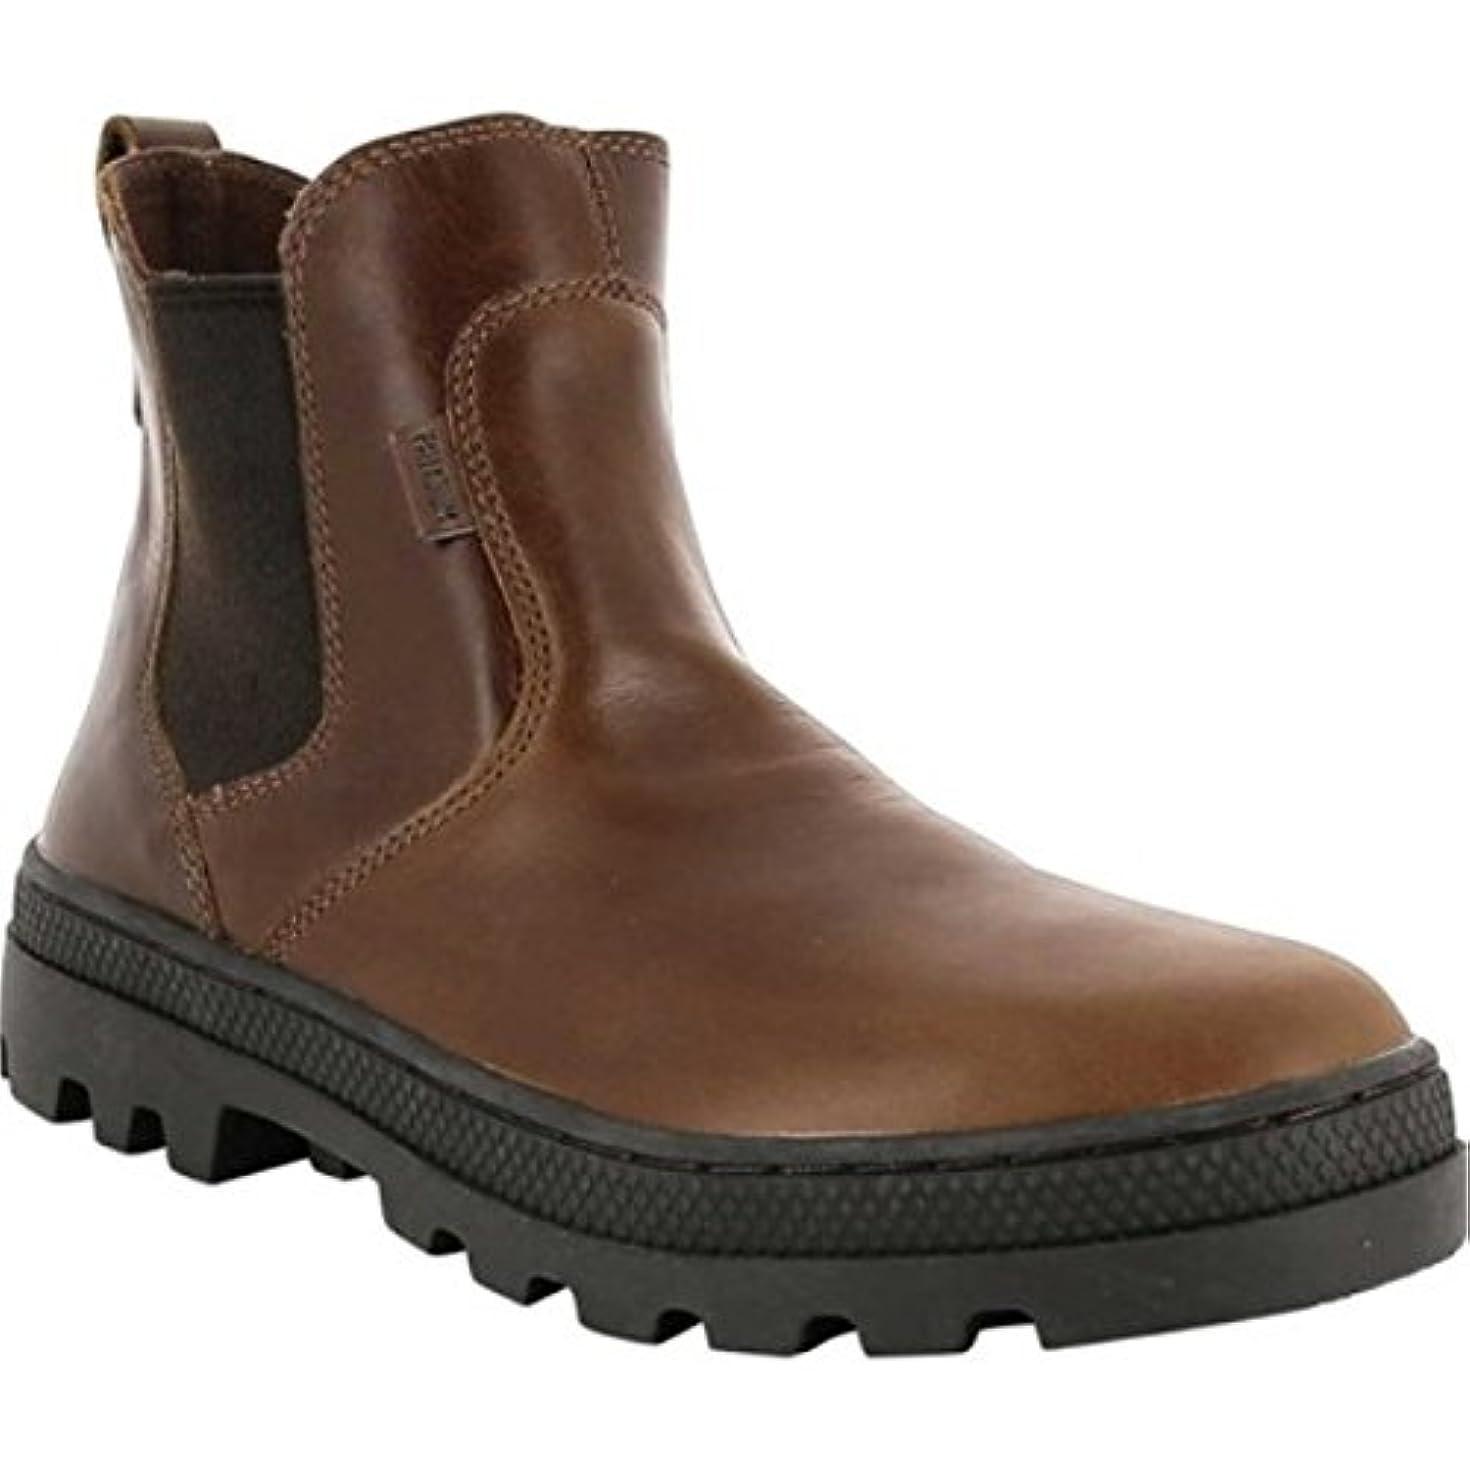 ゴミ箱口述読書(パラディウム) Palladium レディース シューズ?靴 ブーツ Pallabosse L Chelsea Boot [並行輸入品]